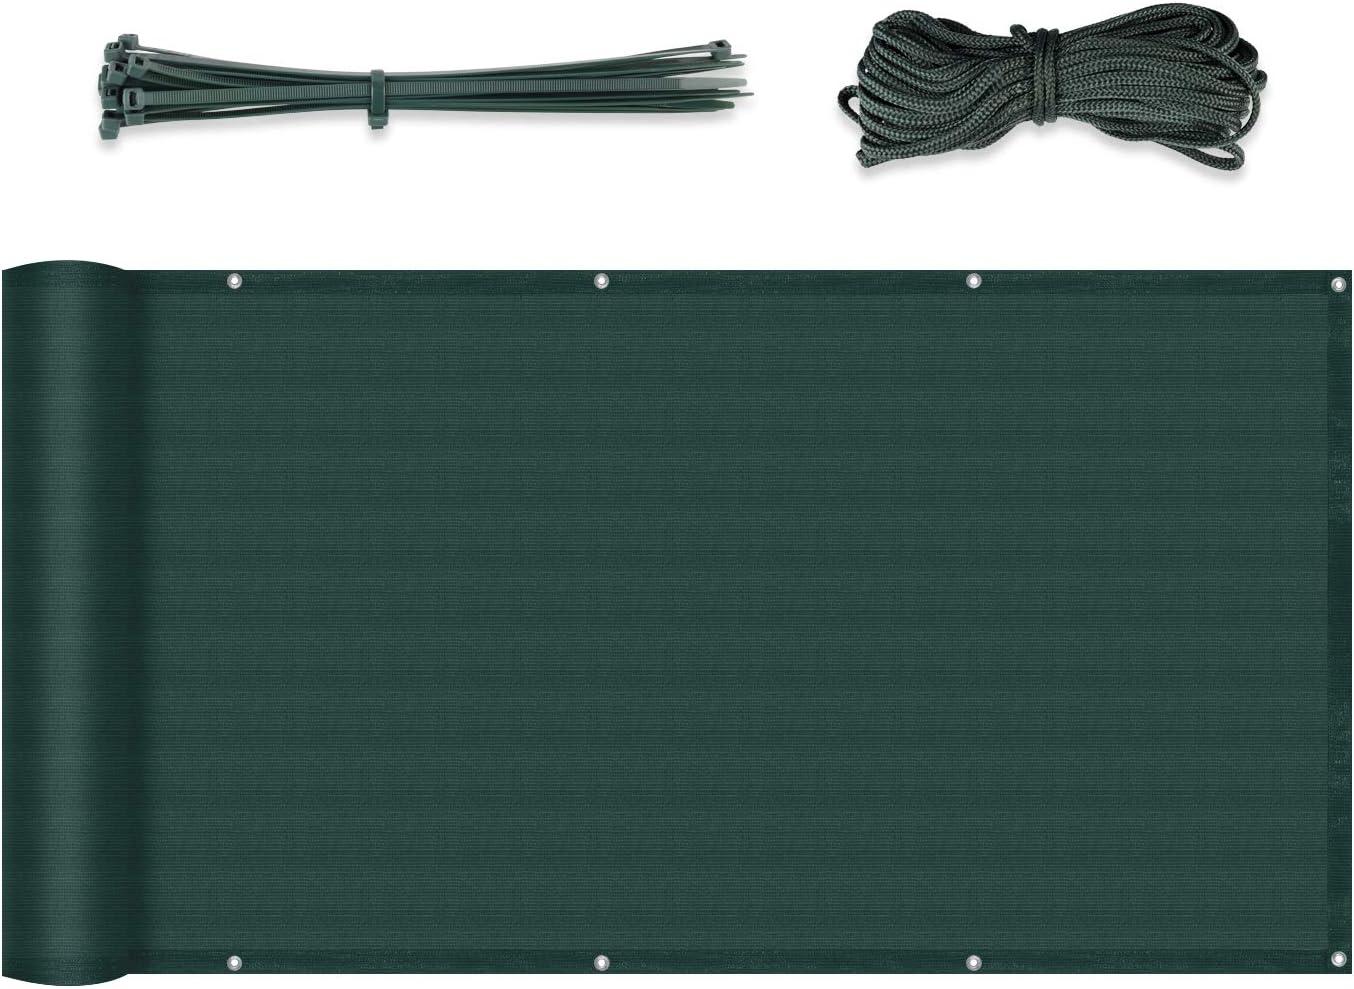 Sekey Recinzione Copertura PE-Rattan per Balcone Protezione della Privacy Schermo Permeabile per Estate ed Inverno 90 x 300cm con Fascette